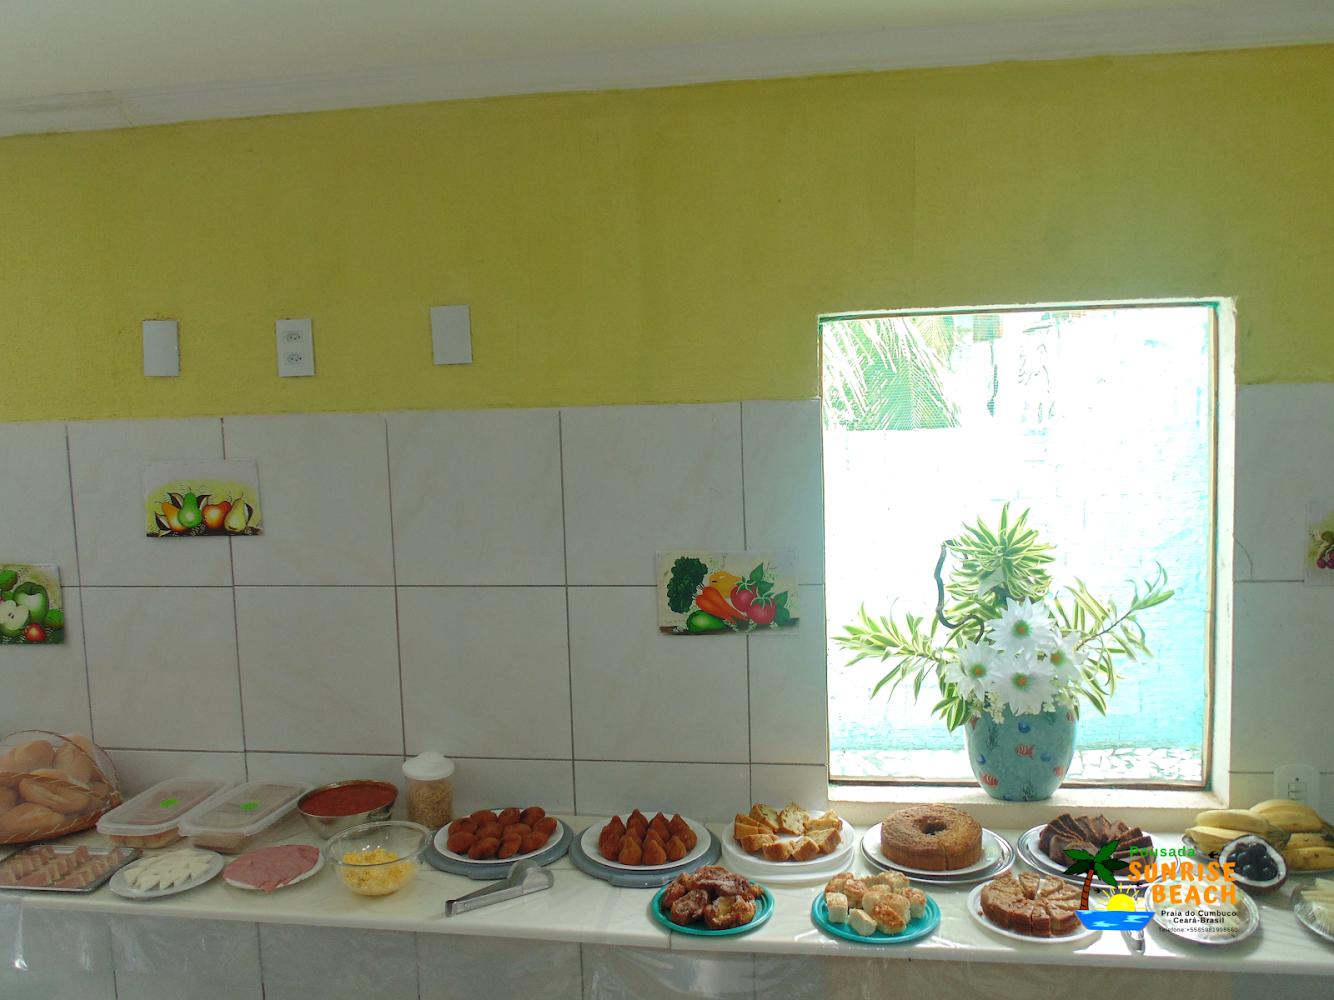 1 diária para 2 adultos e criança até 05 anos no quarto térreo + café da manhã (domingo a quinta) de R$200 por apenas R$154